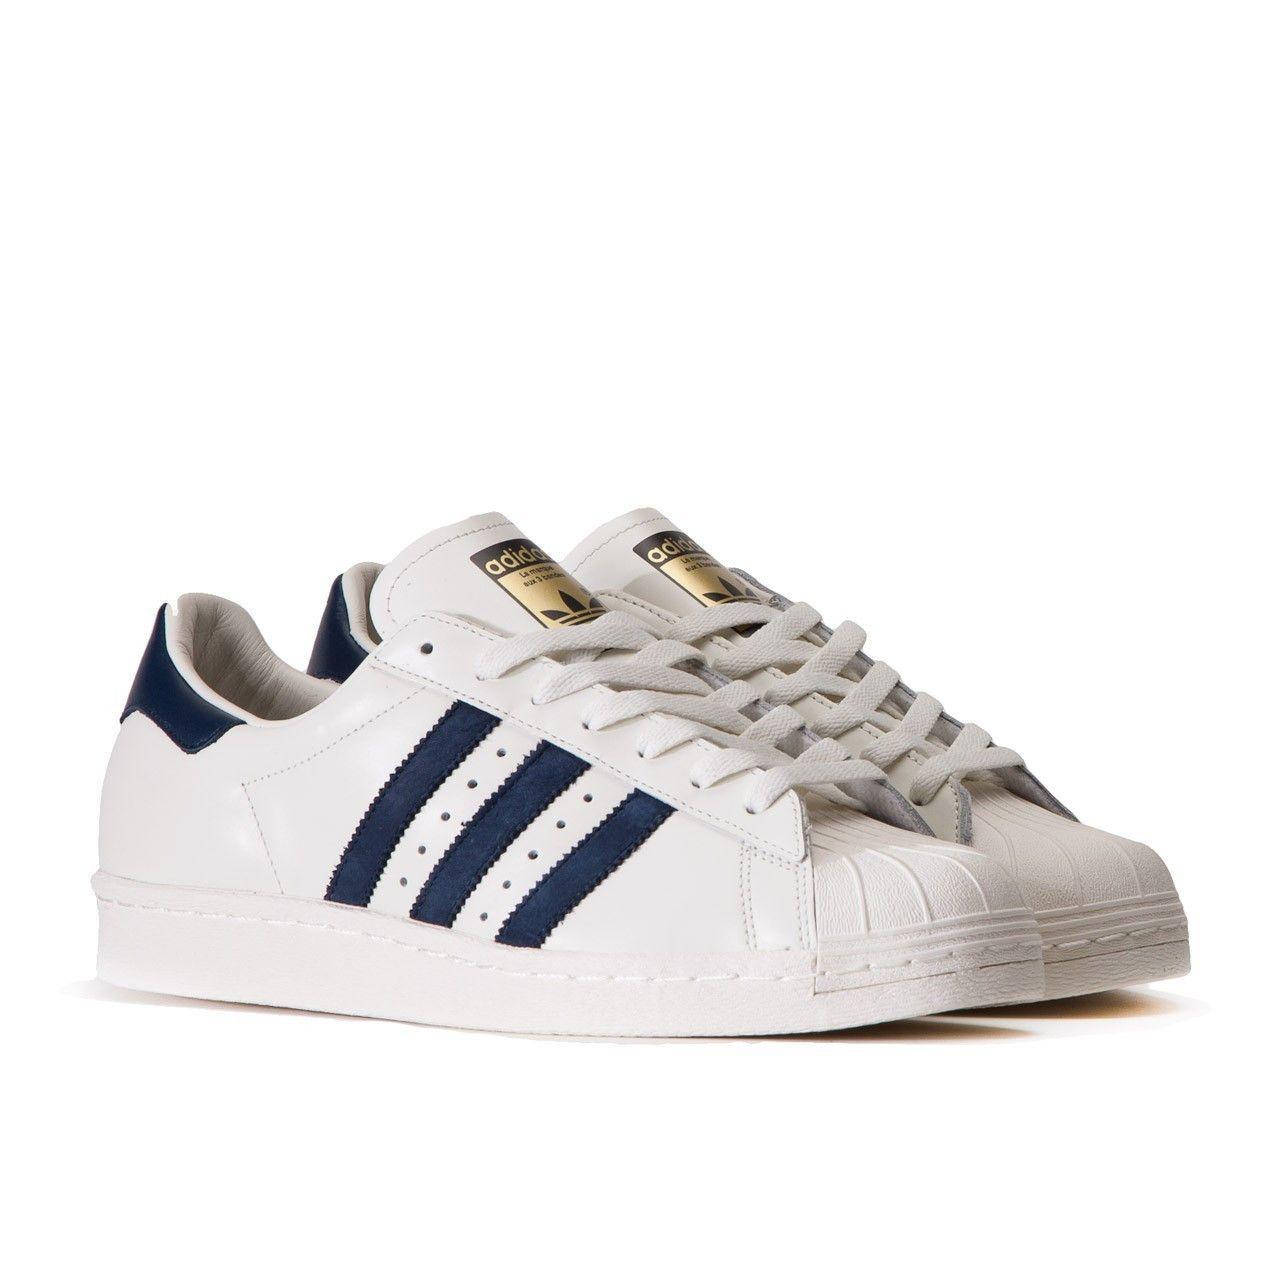 adidas Originals Superstar 80s DLX Deluke White \u0026 Navy B25964 Mens Shoes